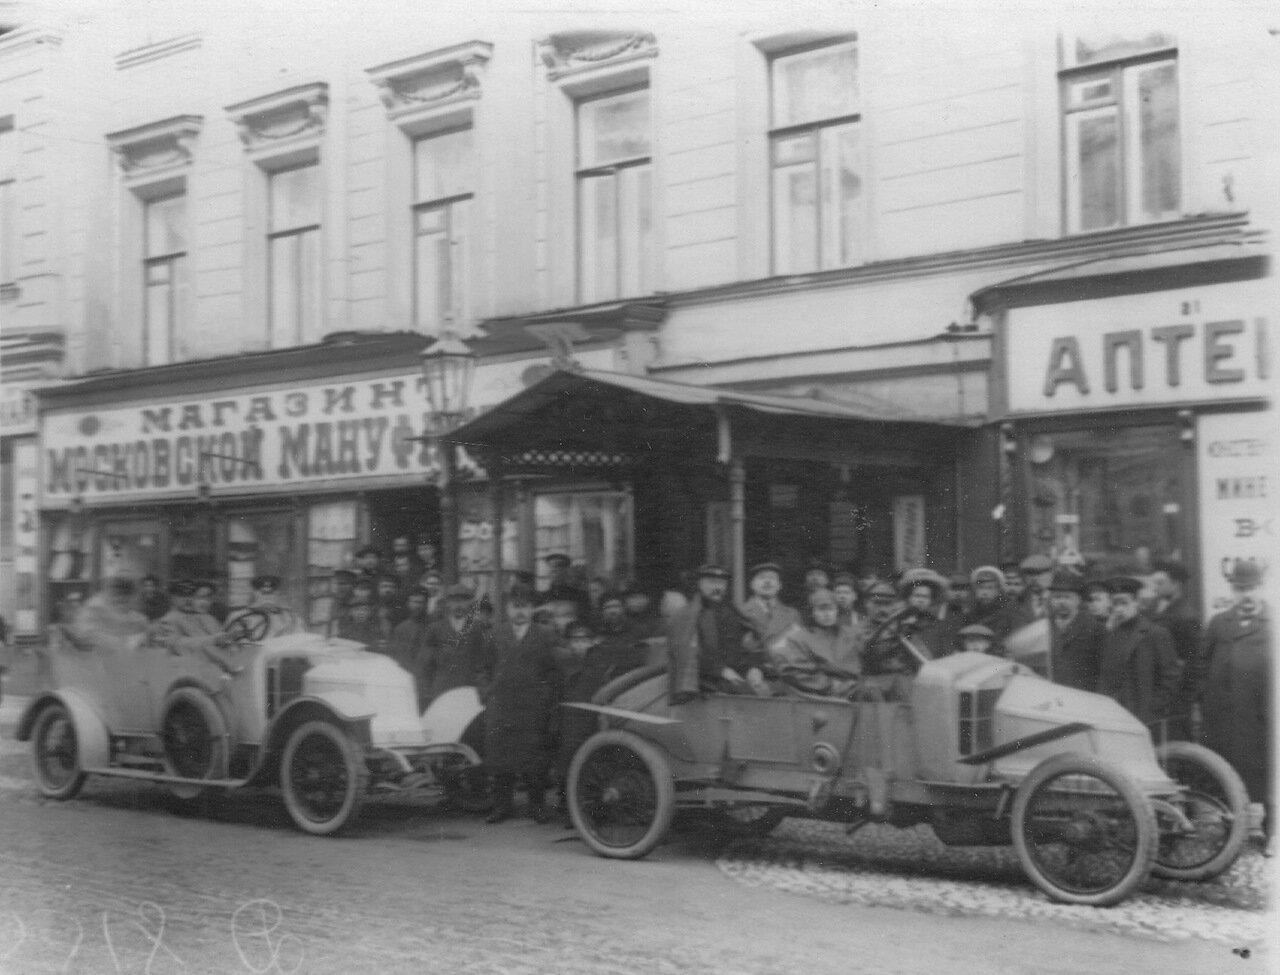 Автомобили, участники пробега, на Садовой улице